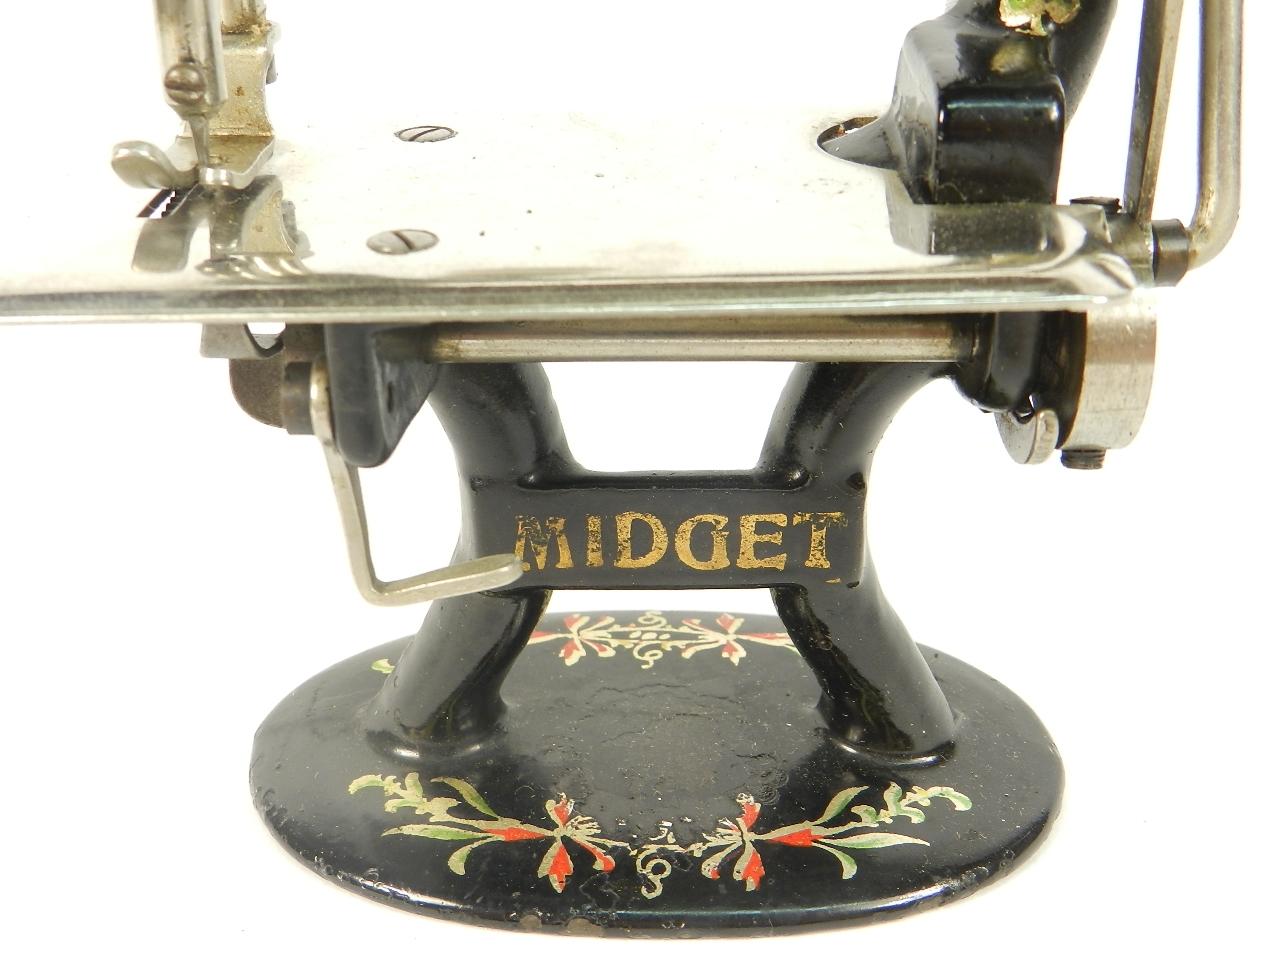 Imagen MIDGET FOLEY & WILLIAMS AÑO 1900 35604